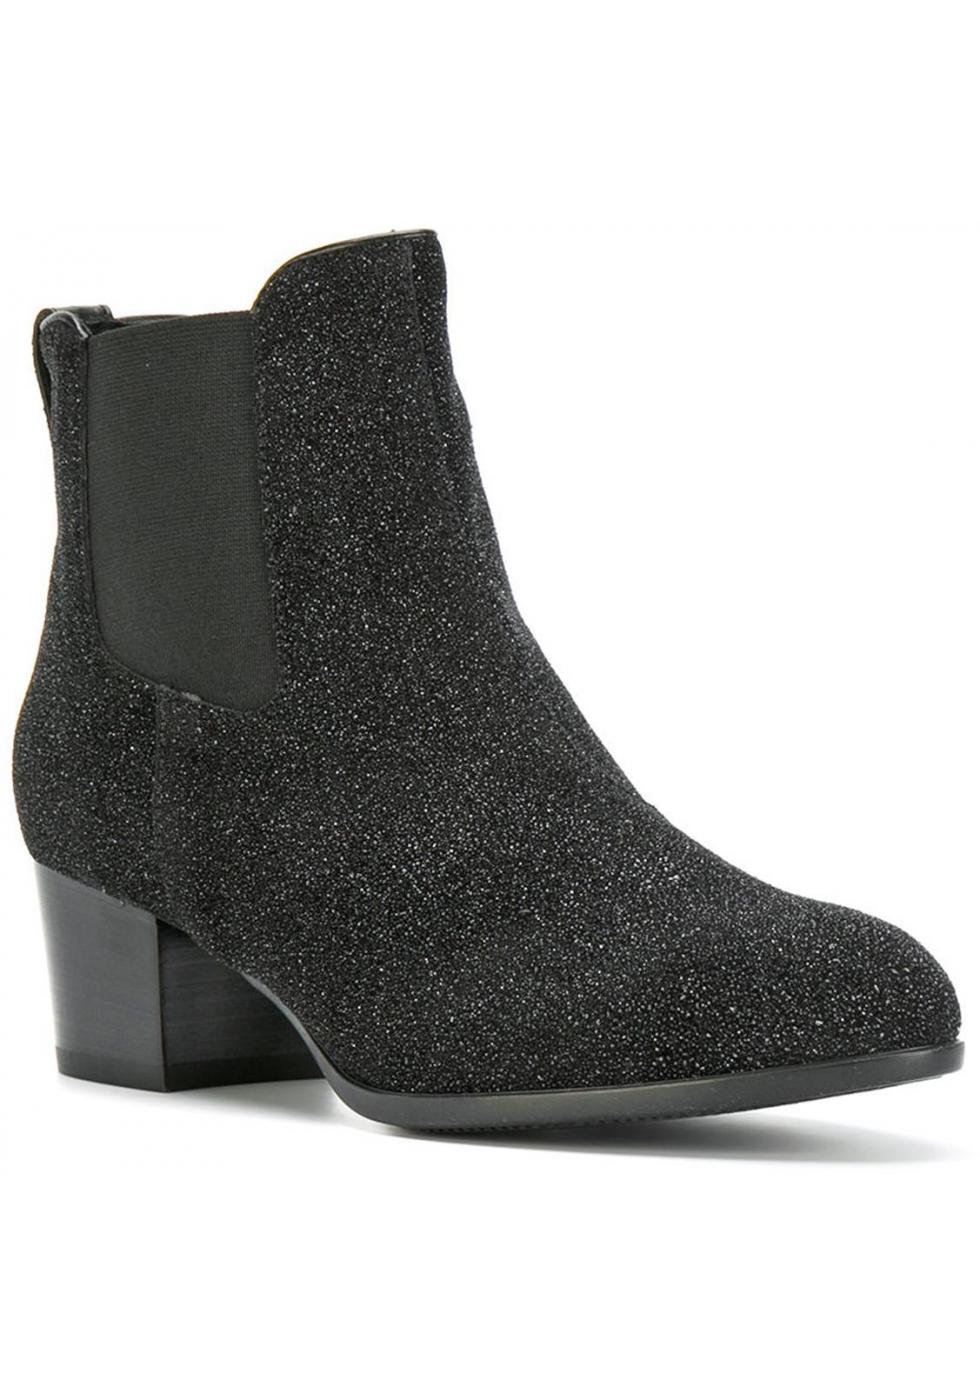 Sergio Rossi Black Kitten Heel Shoes